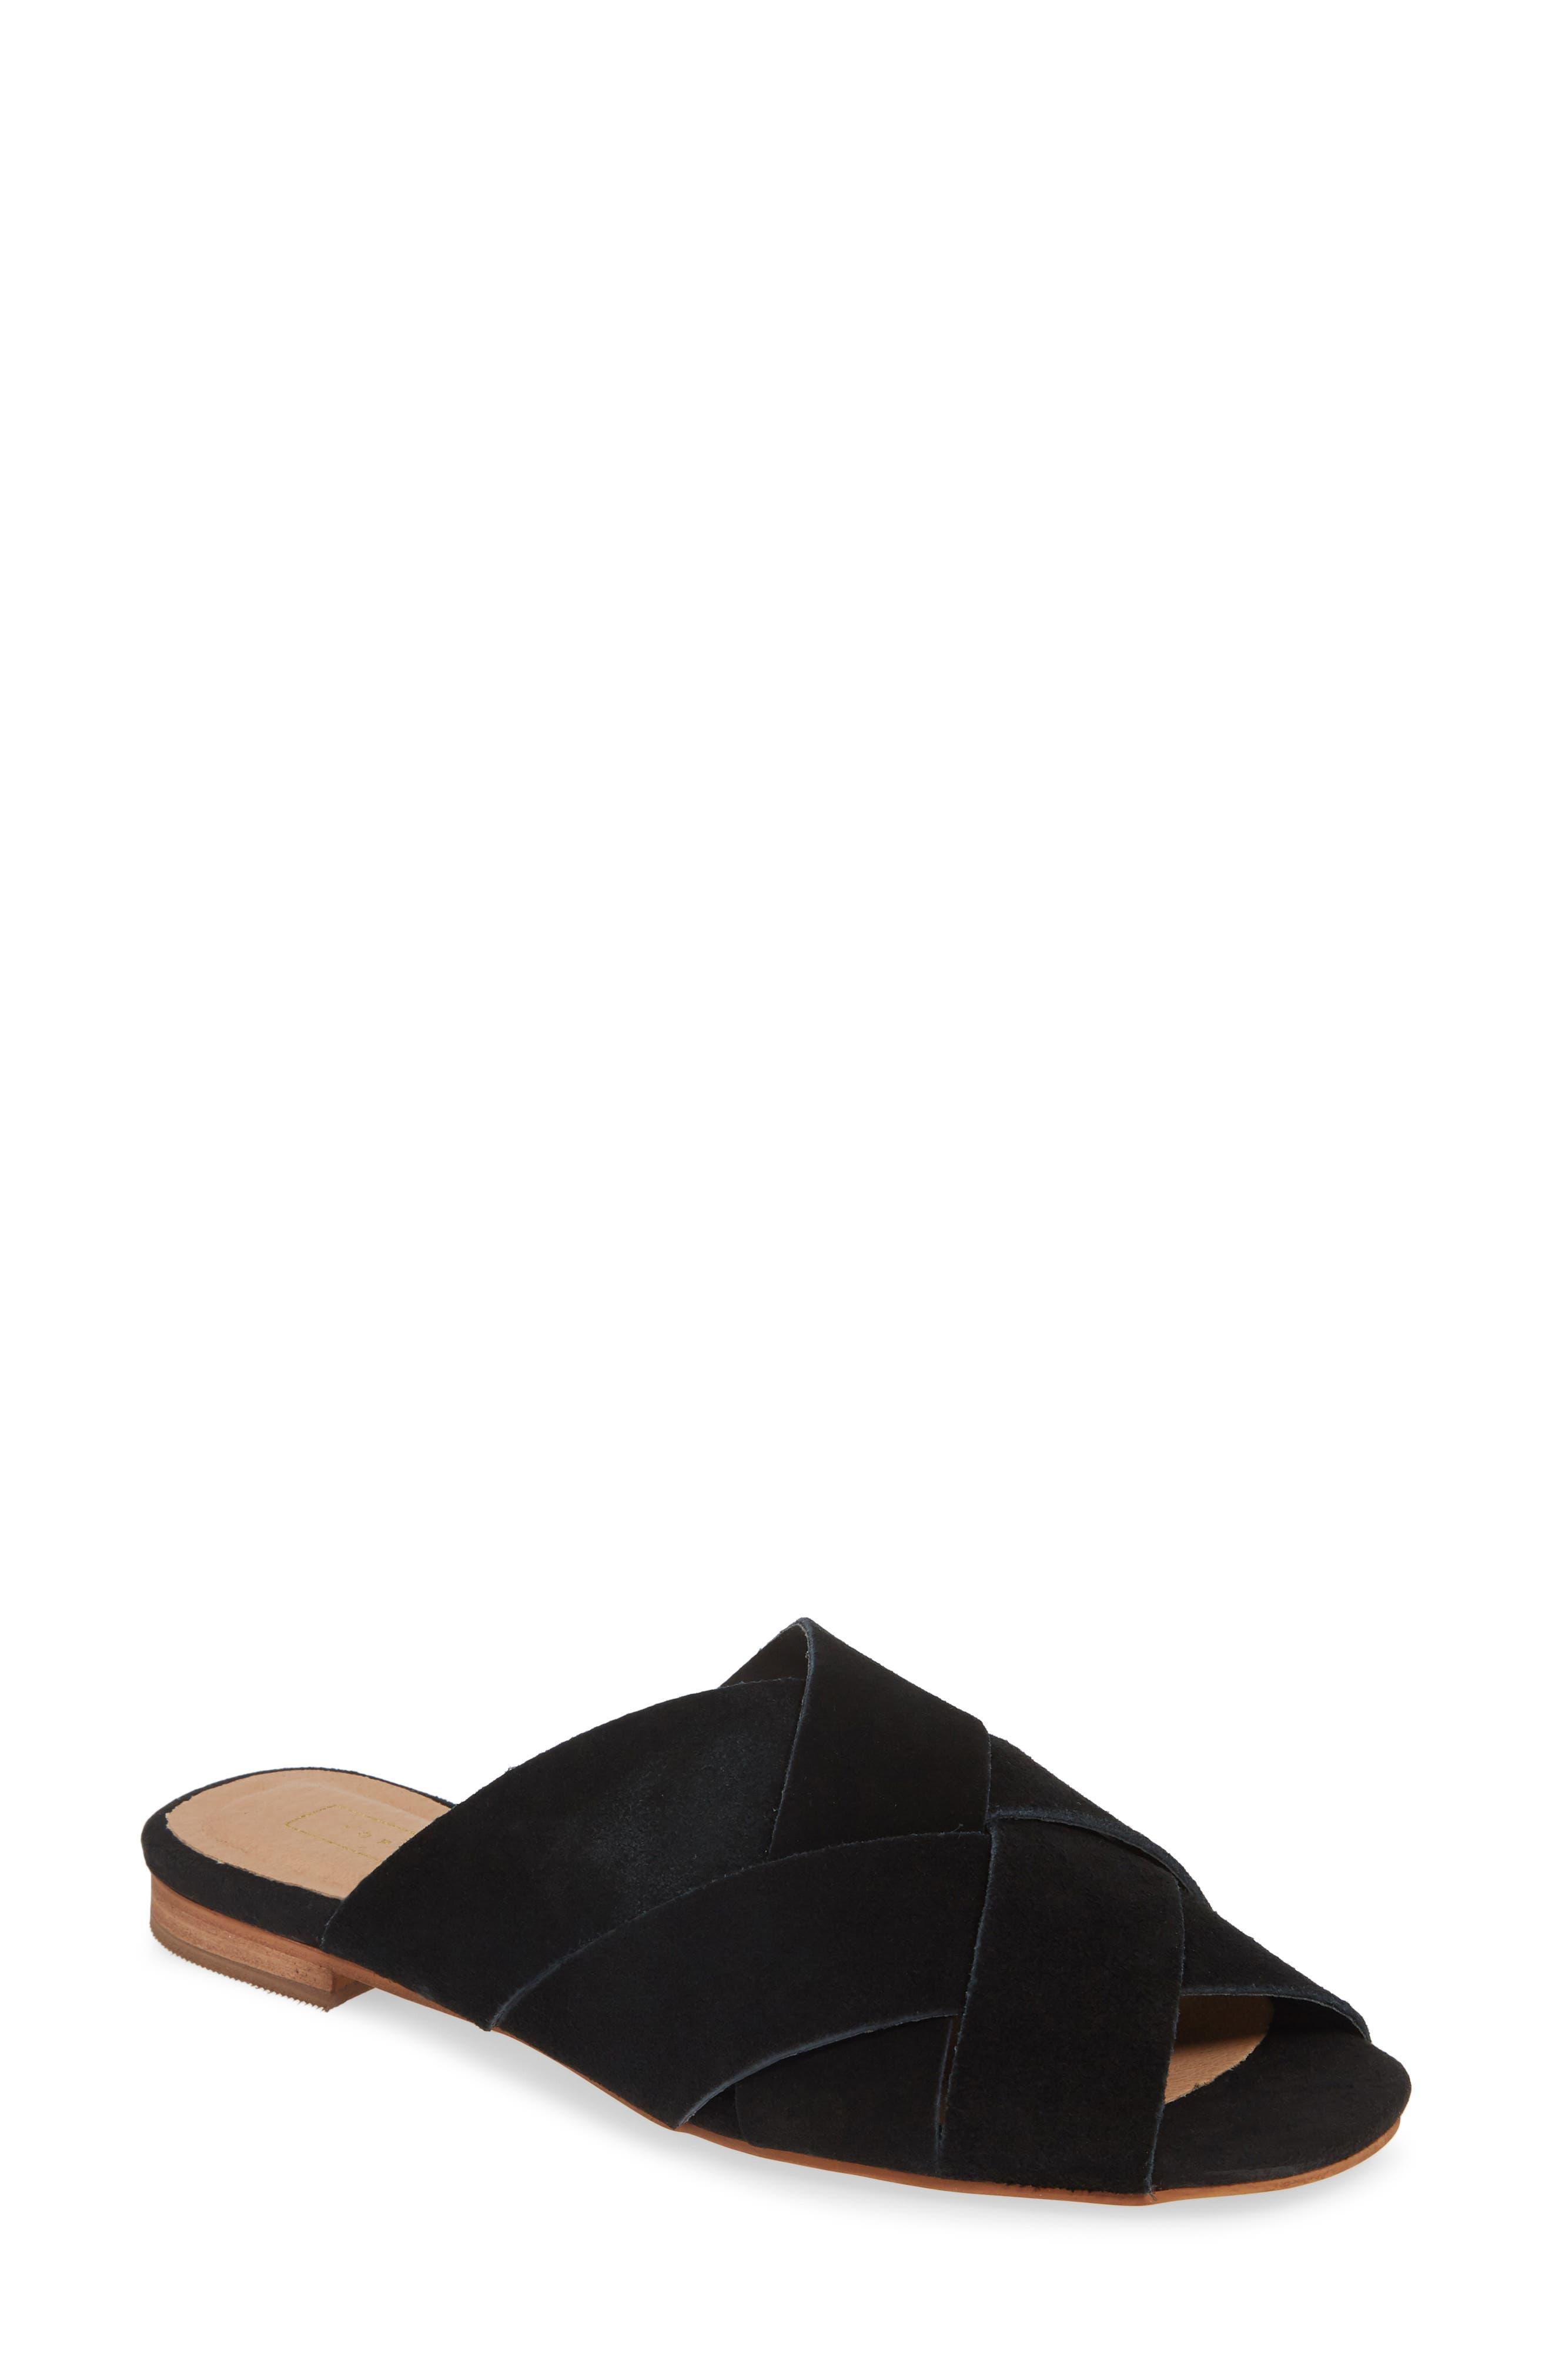 Hop Cross Slide Sandals, Main, color, BLACK